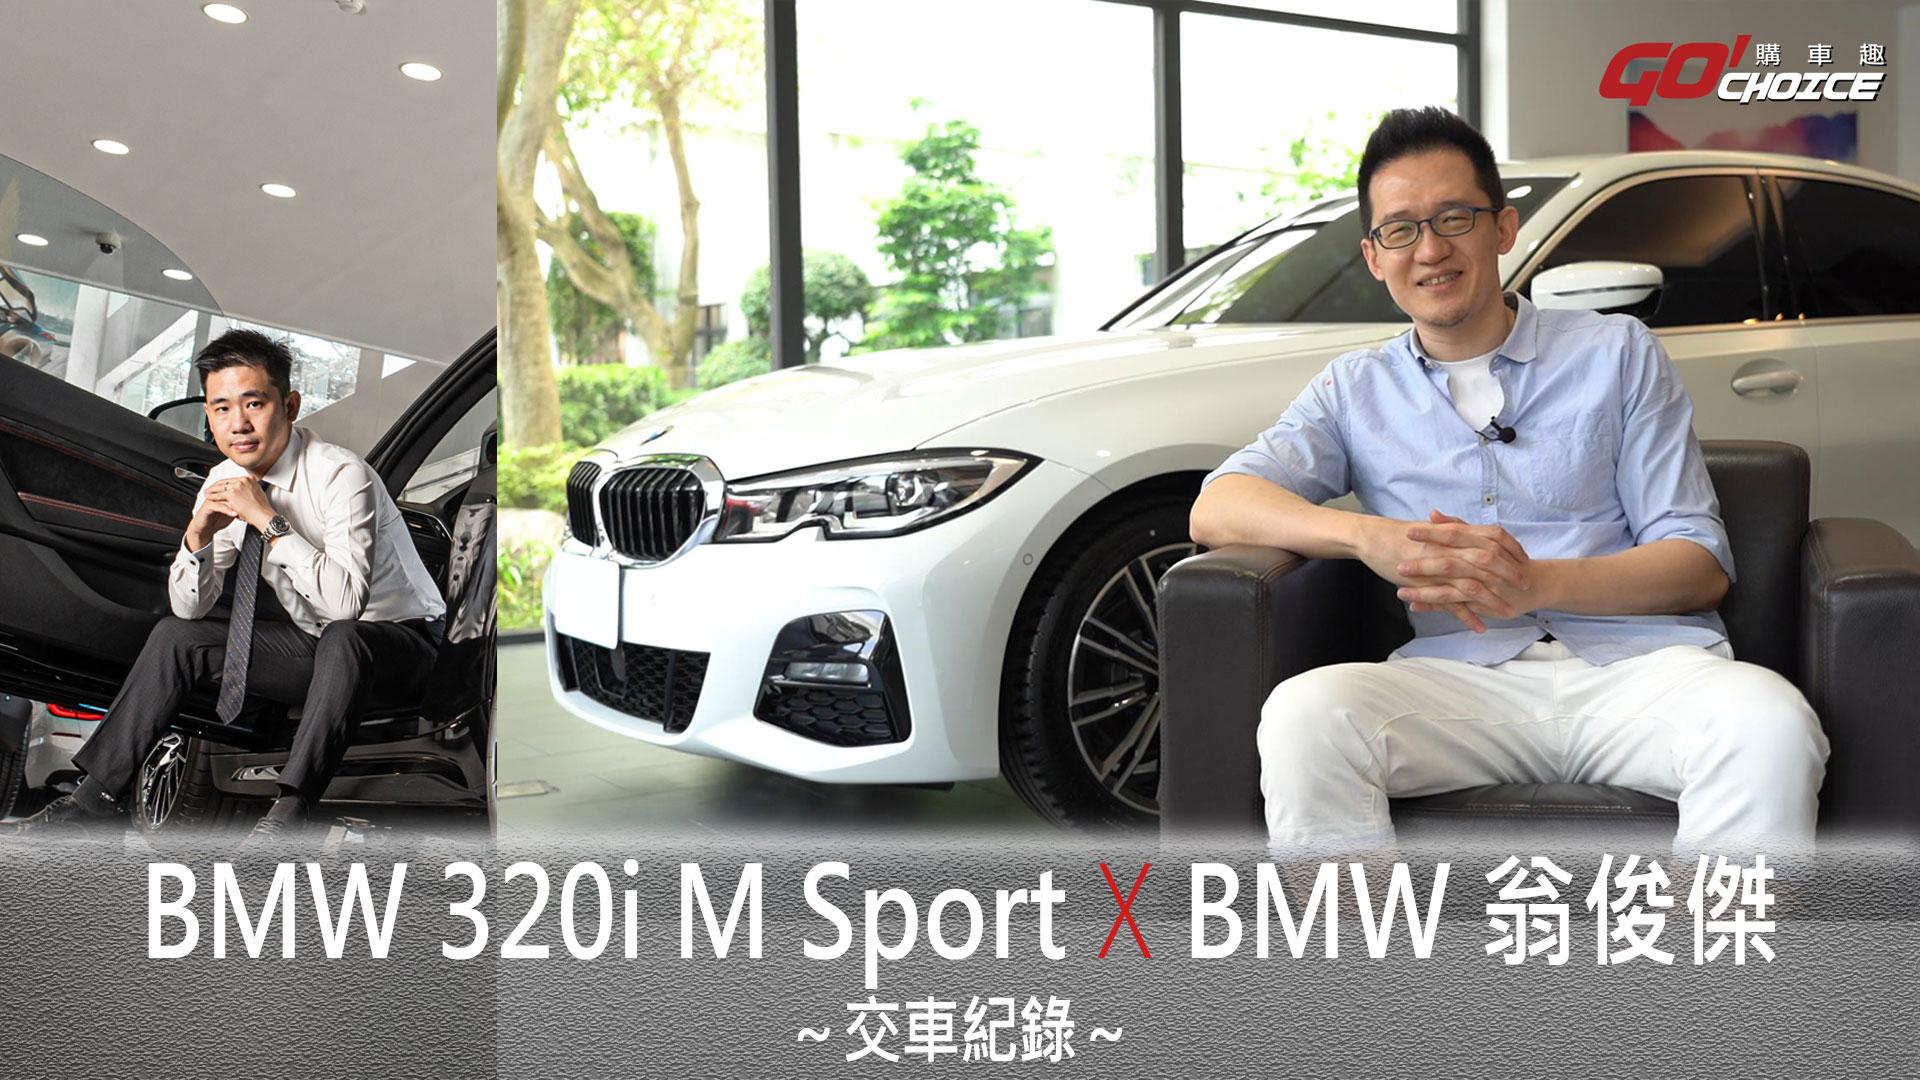 交車紀錄-讓車主無法挑剔的好車BMW 320i M Sport-BMW桃園 銷售顧問_翁俊傑